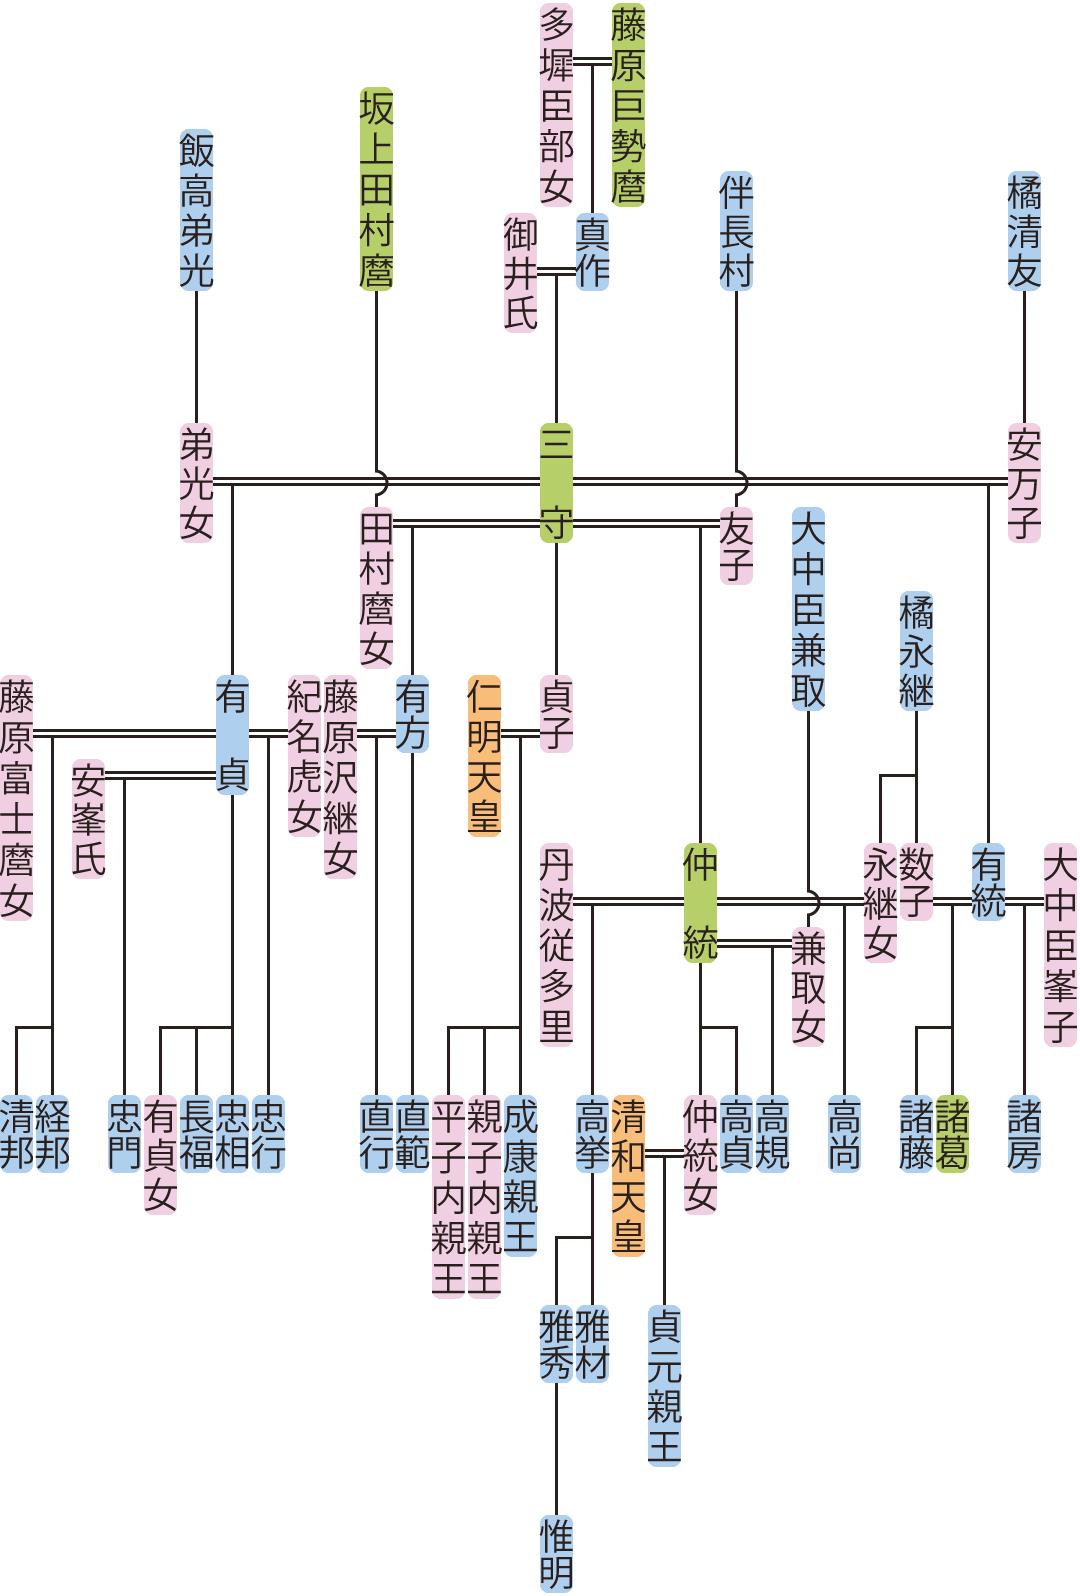 藤原三守の系図